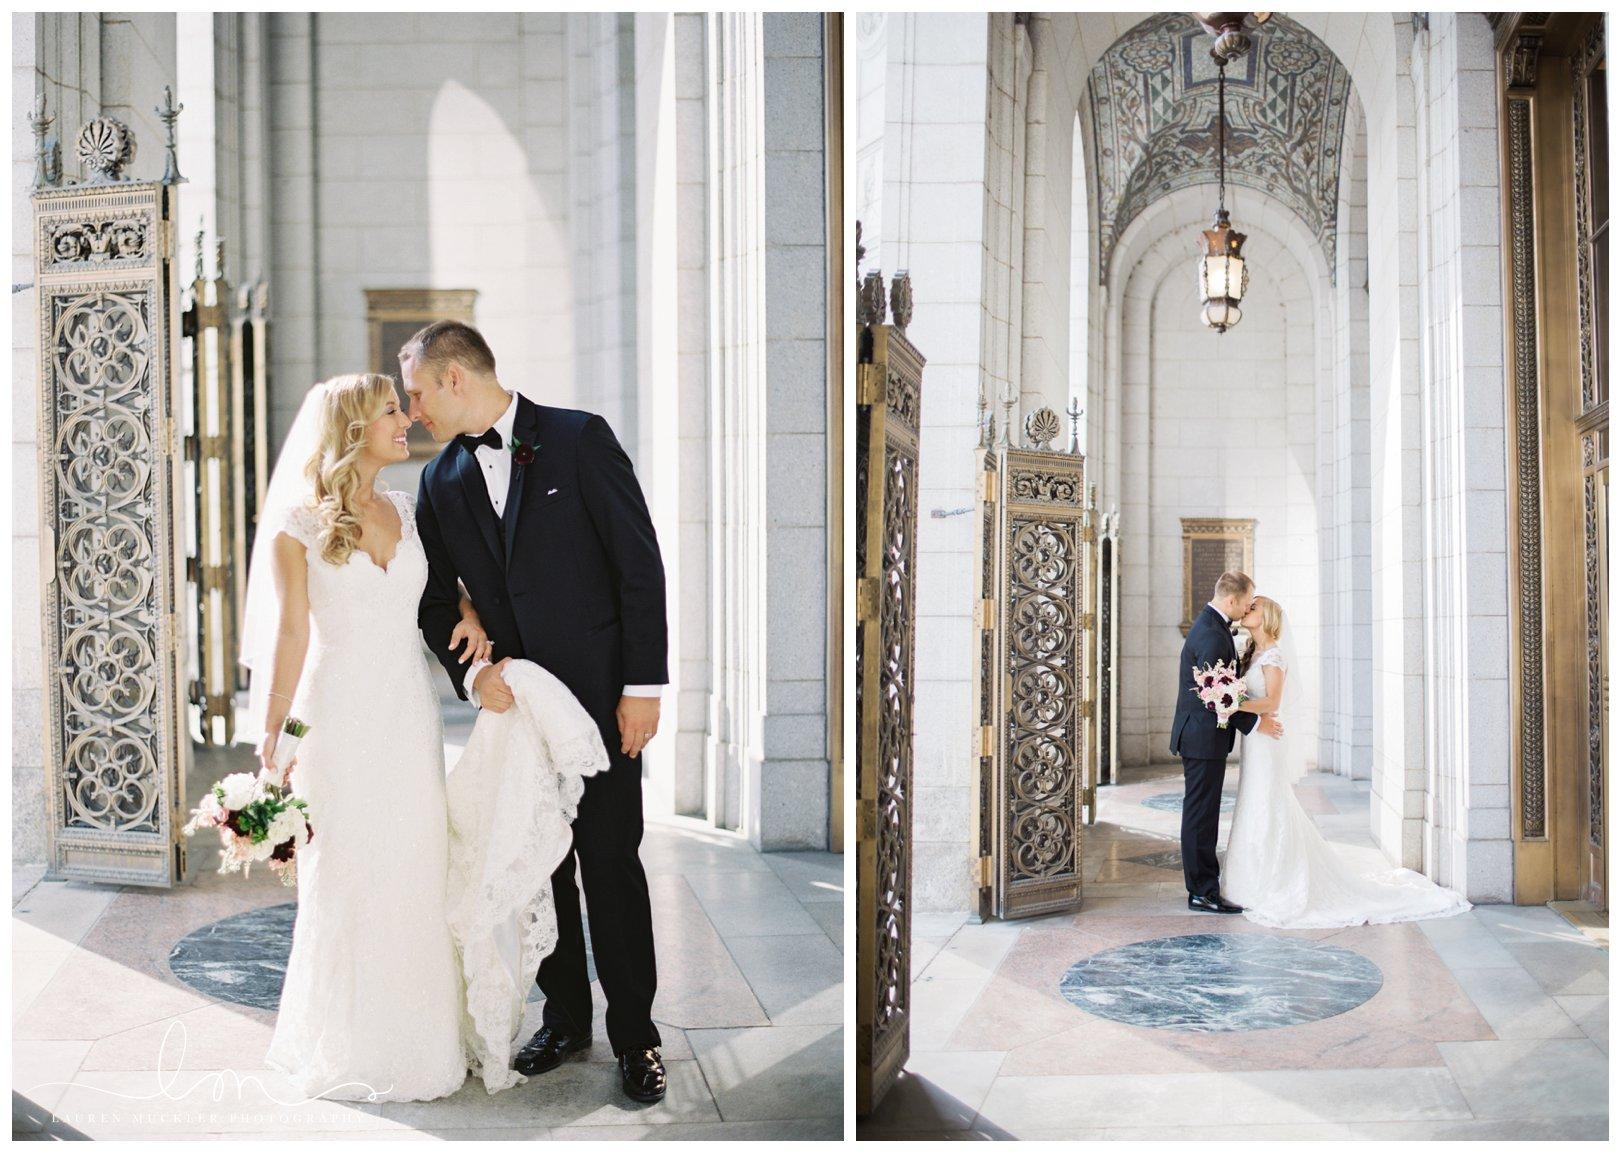 lauren muckler photography_fine art film wedding photography_st louis_photography_0819.jpg